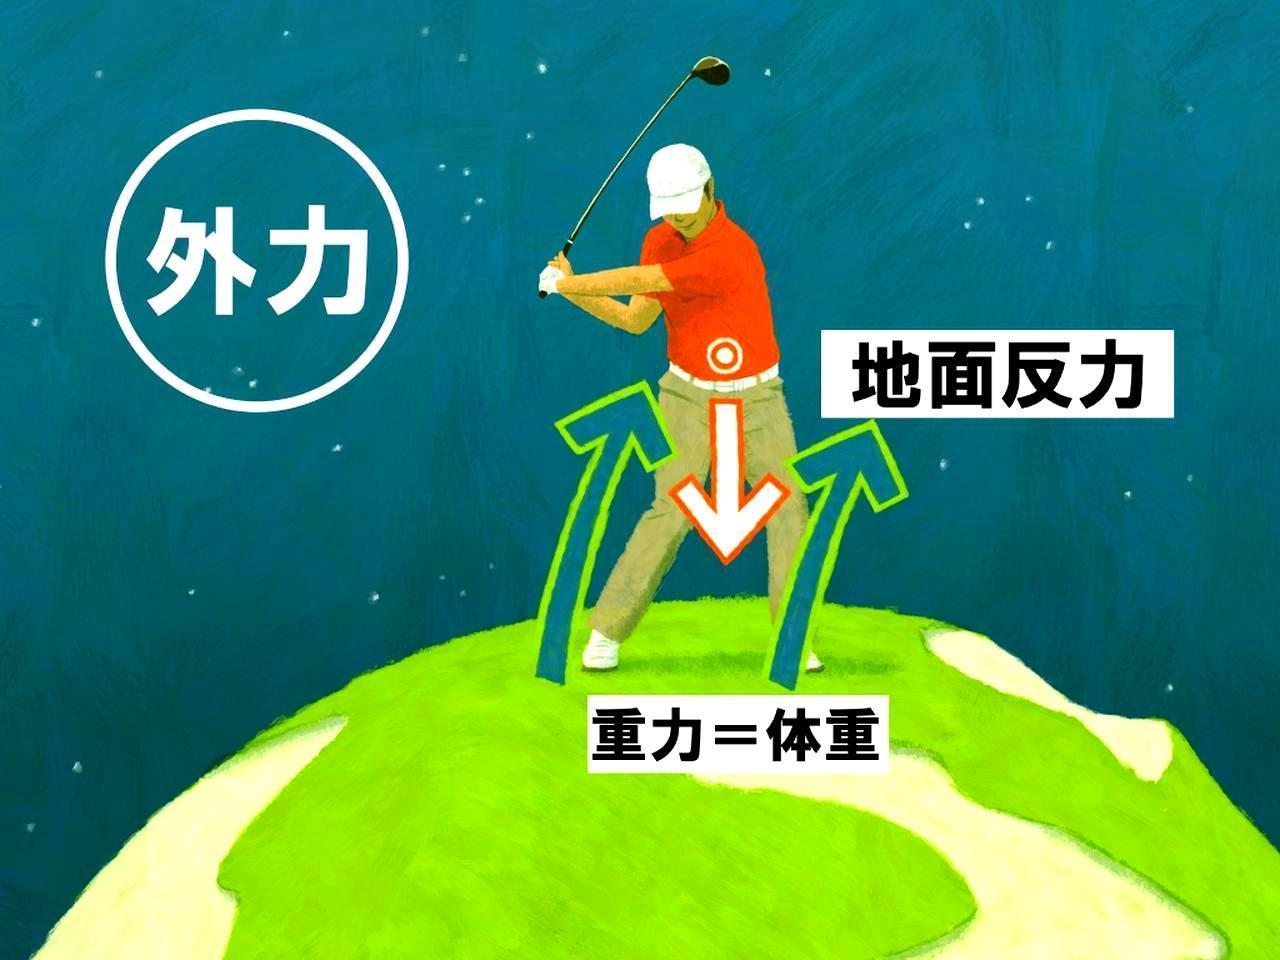 画像: 【宮崎・合宿】吉田洋一郎プロが反力打法マスター合宿を開催 。2019レッスン オブ ザ イヤー受賞 フェニックスシーガイア 3日間 3プレー(添乗員同行/一人予約可能) - ゴルフへ行こうWEB by ゴルフダイジェスト